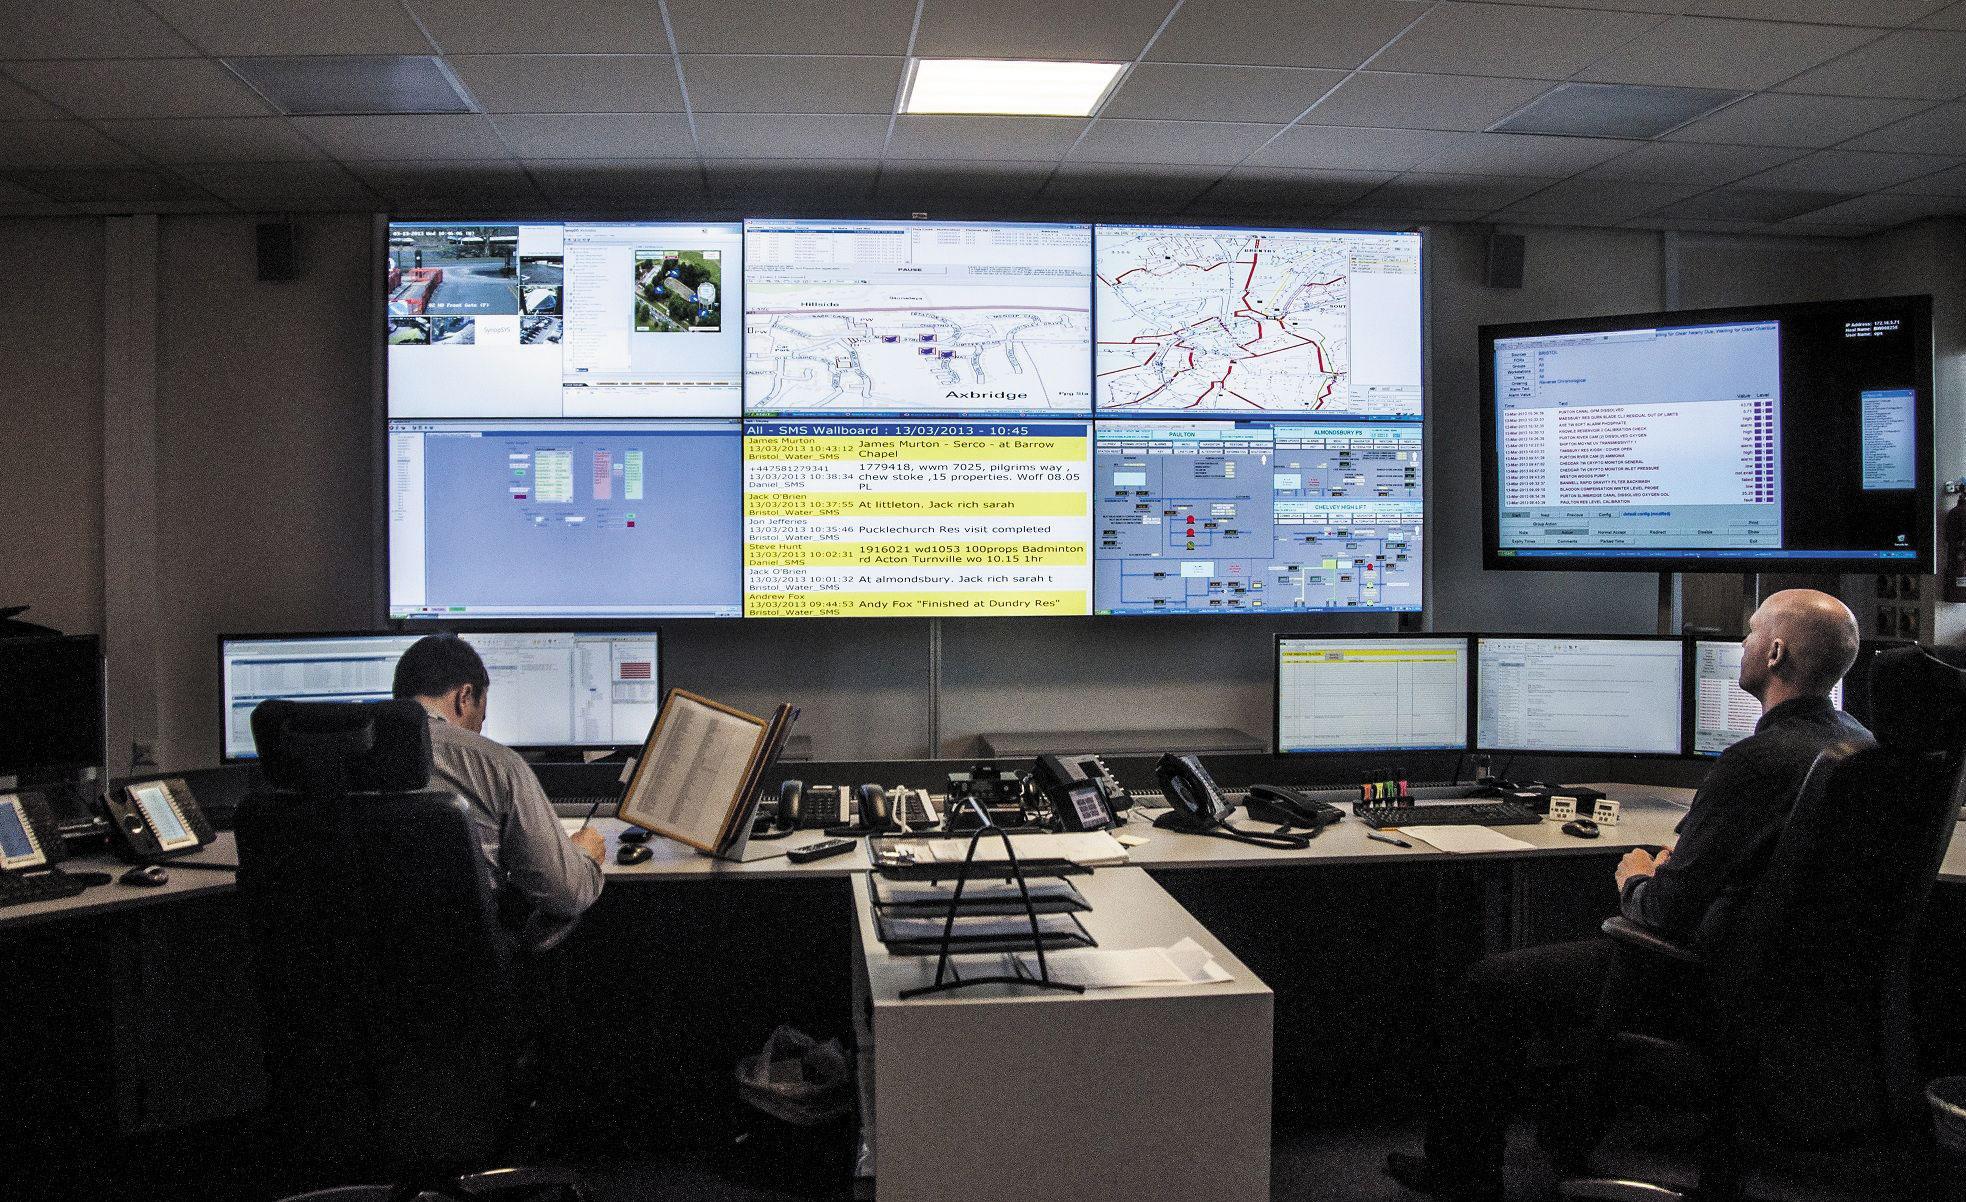 Водоснабжение под контролем: видеостена для диспетчерского центра